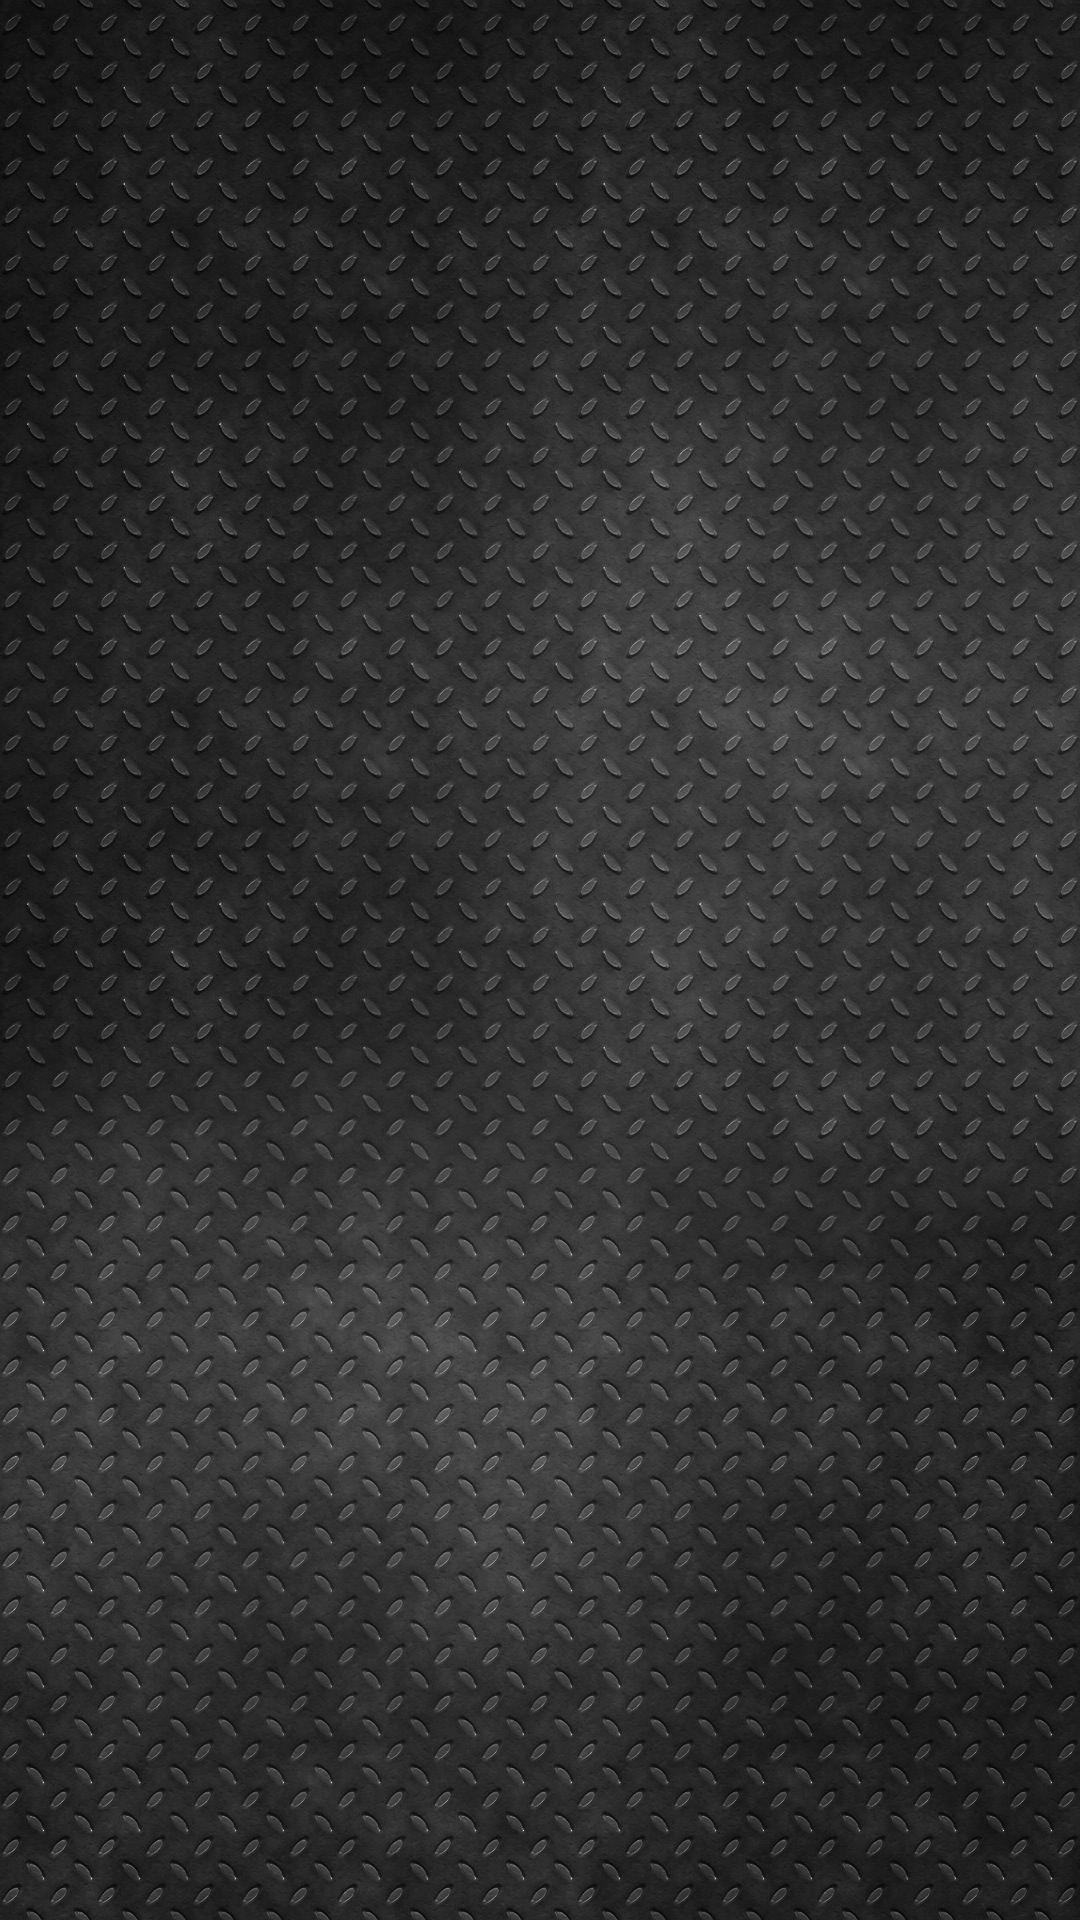 金属板のiphone8壁紙 Iphone8 壁紙 スマホ壁紙 壁紙